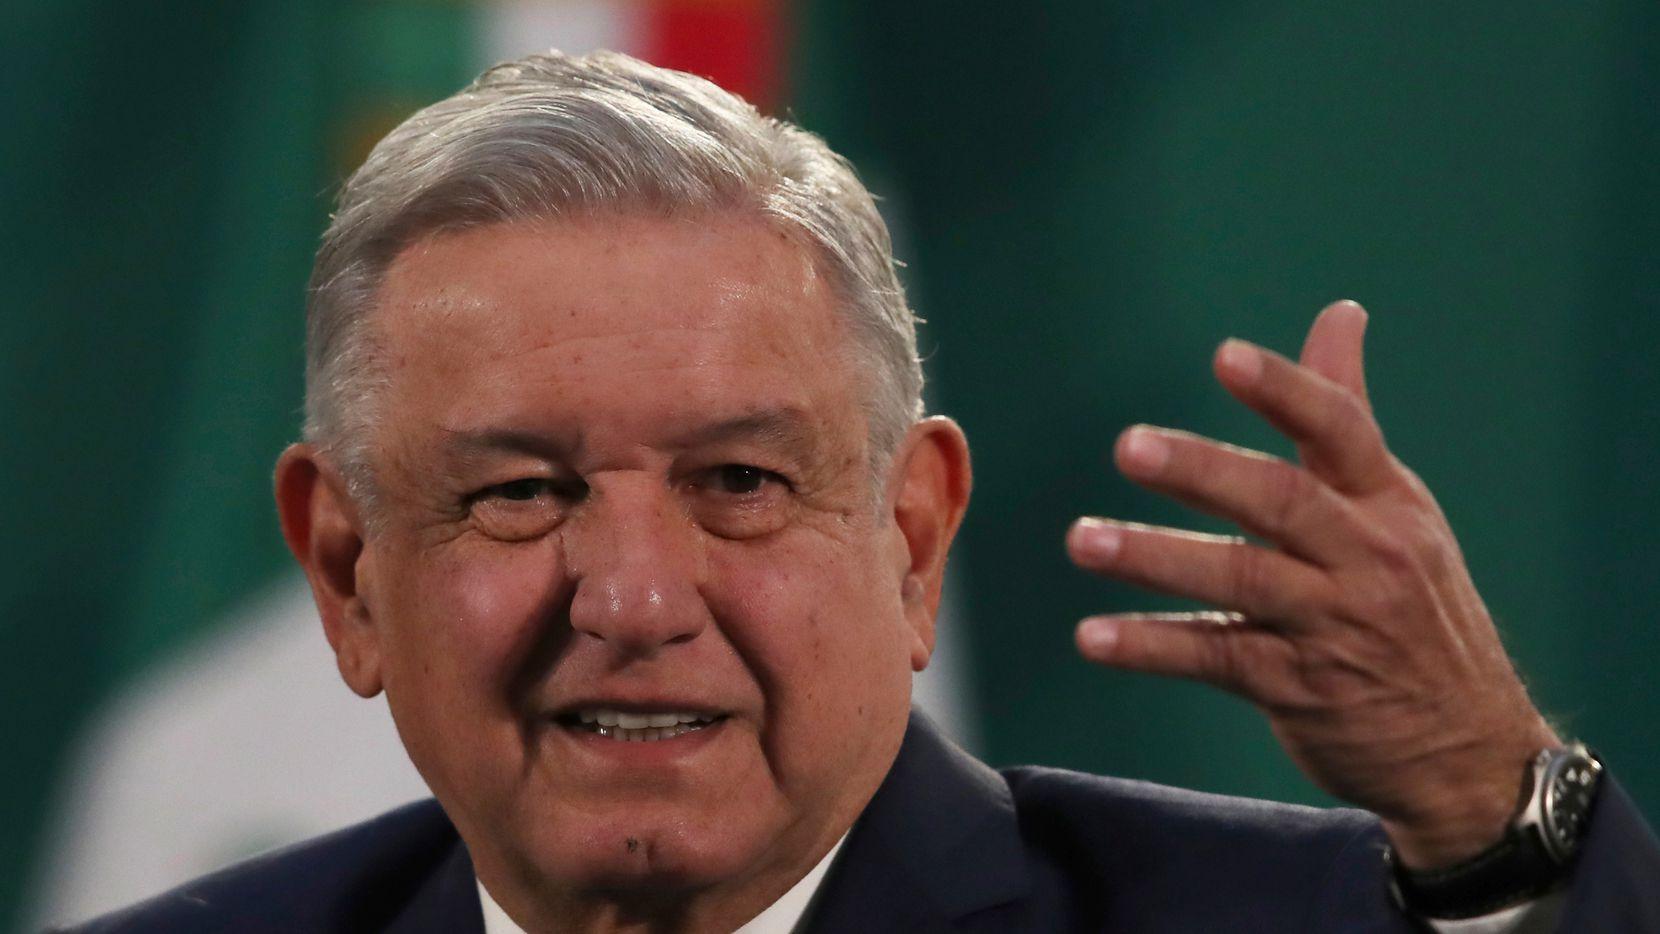 El presidente mexicano Andrés Manuel López Obrador reapareció en sus conferencias de prensa matutinas tras dos semanas de ausencia por contagio de covid-19.